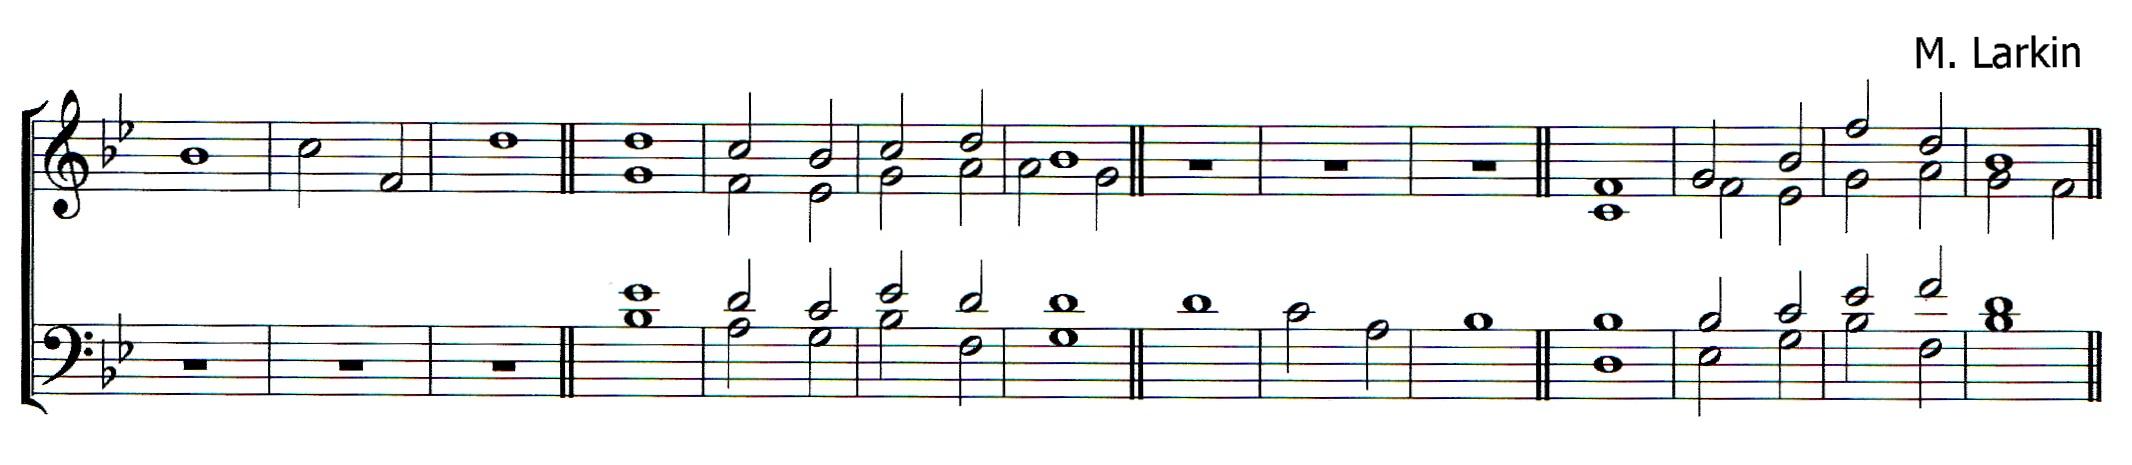 Double chant in B flat major by Matthew Larkin